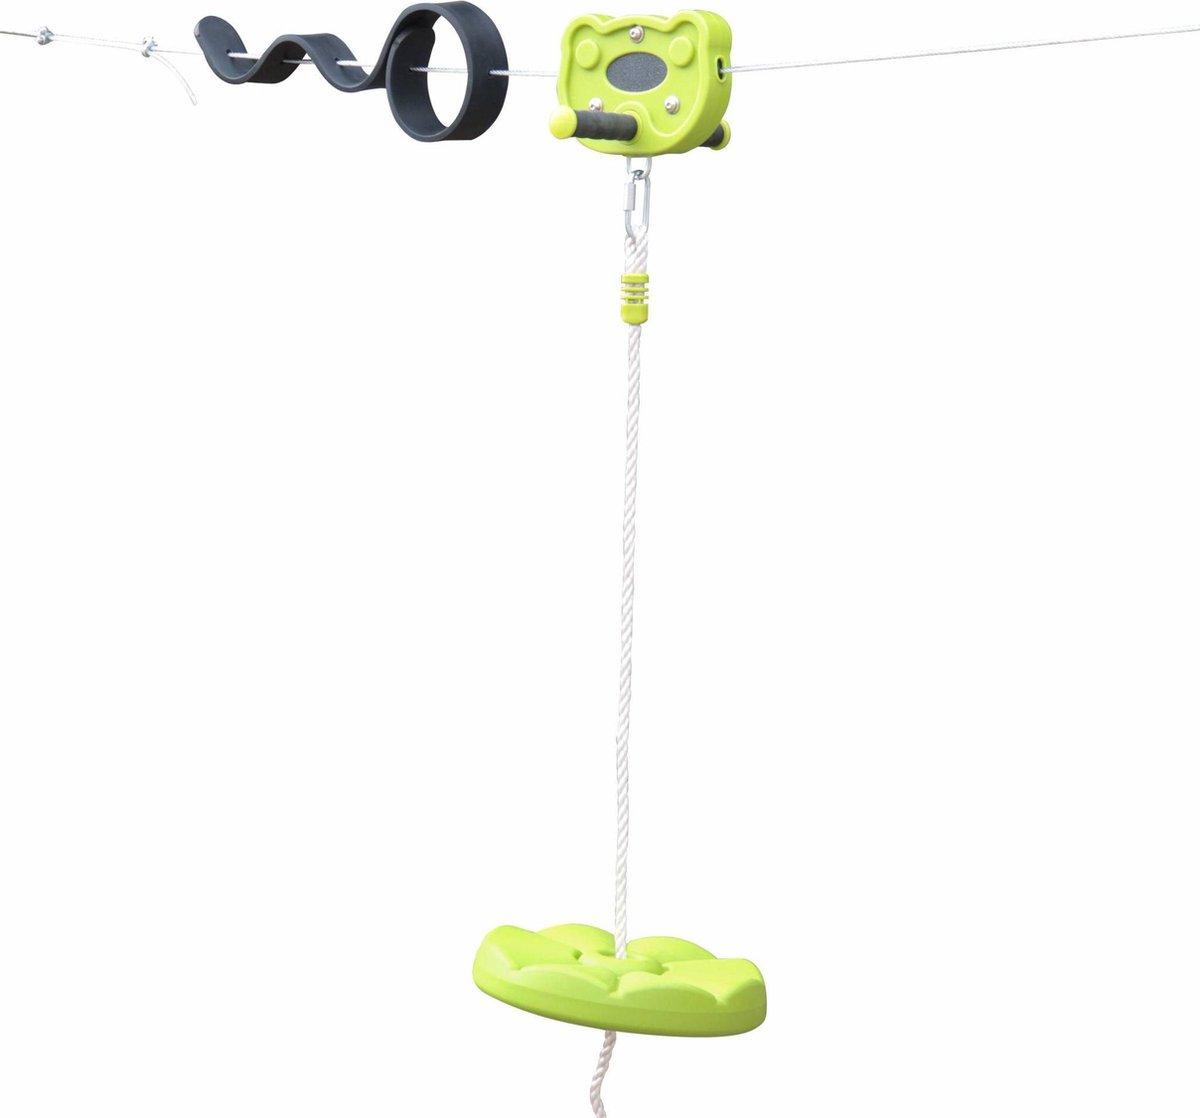 ALIZE - Kabelbaan voor kinderen van 30m met rond zitje, anti-sliphandgrepen, dempingssysteem